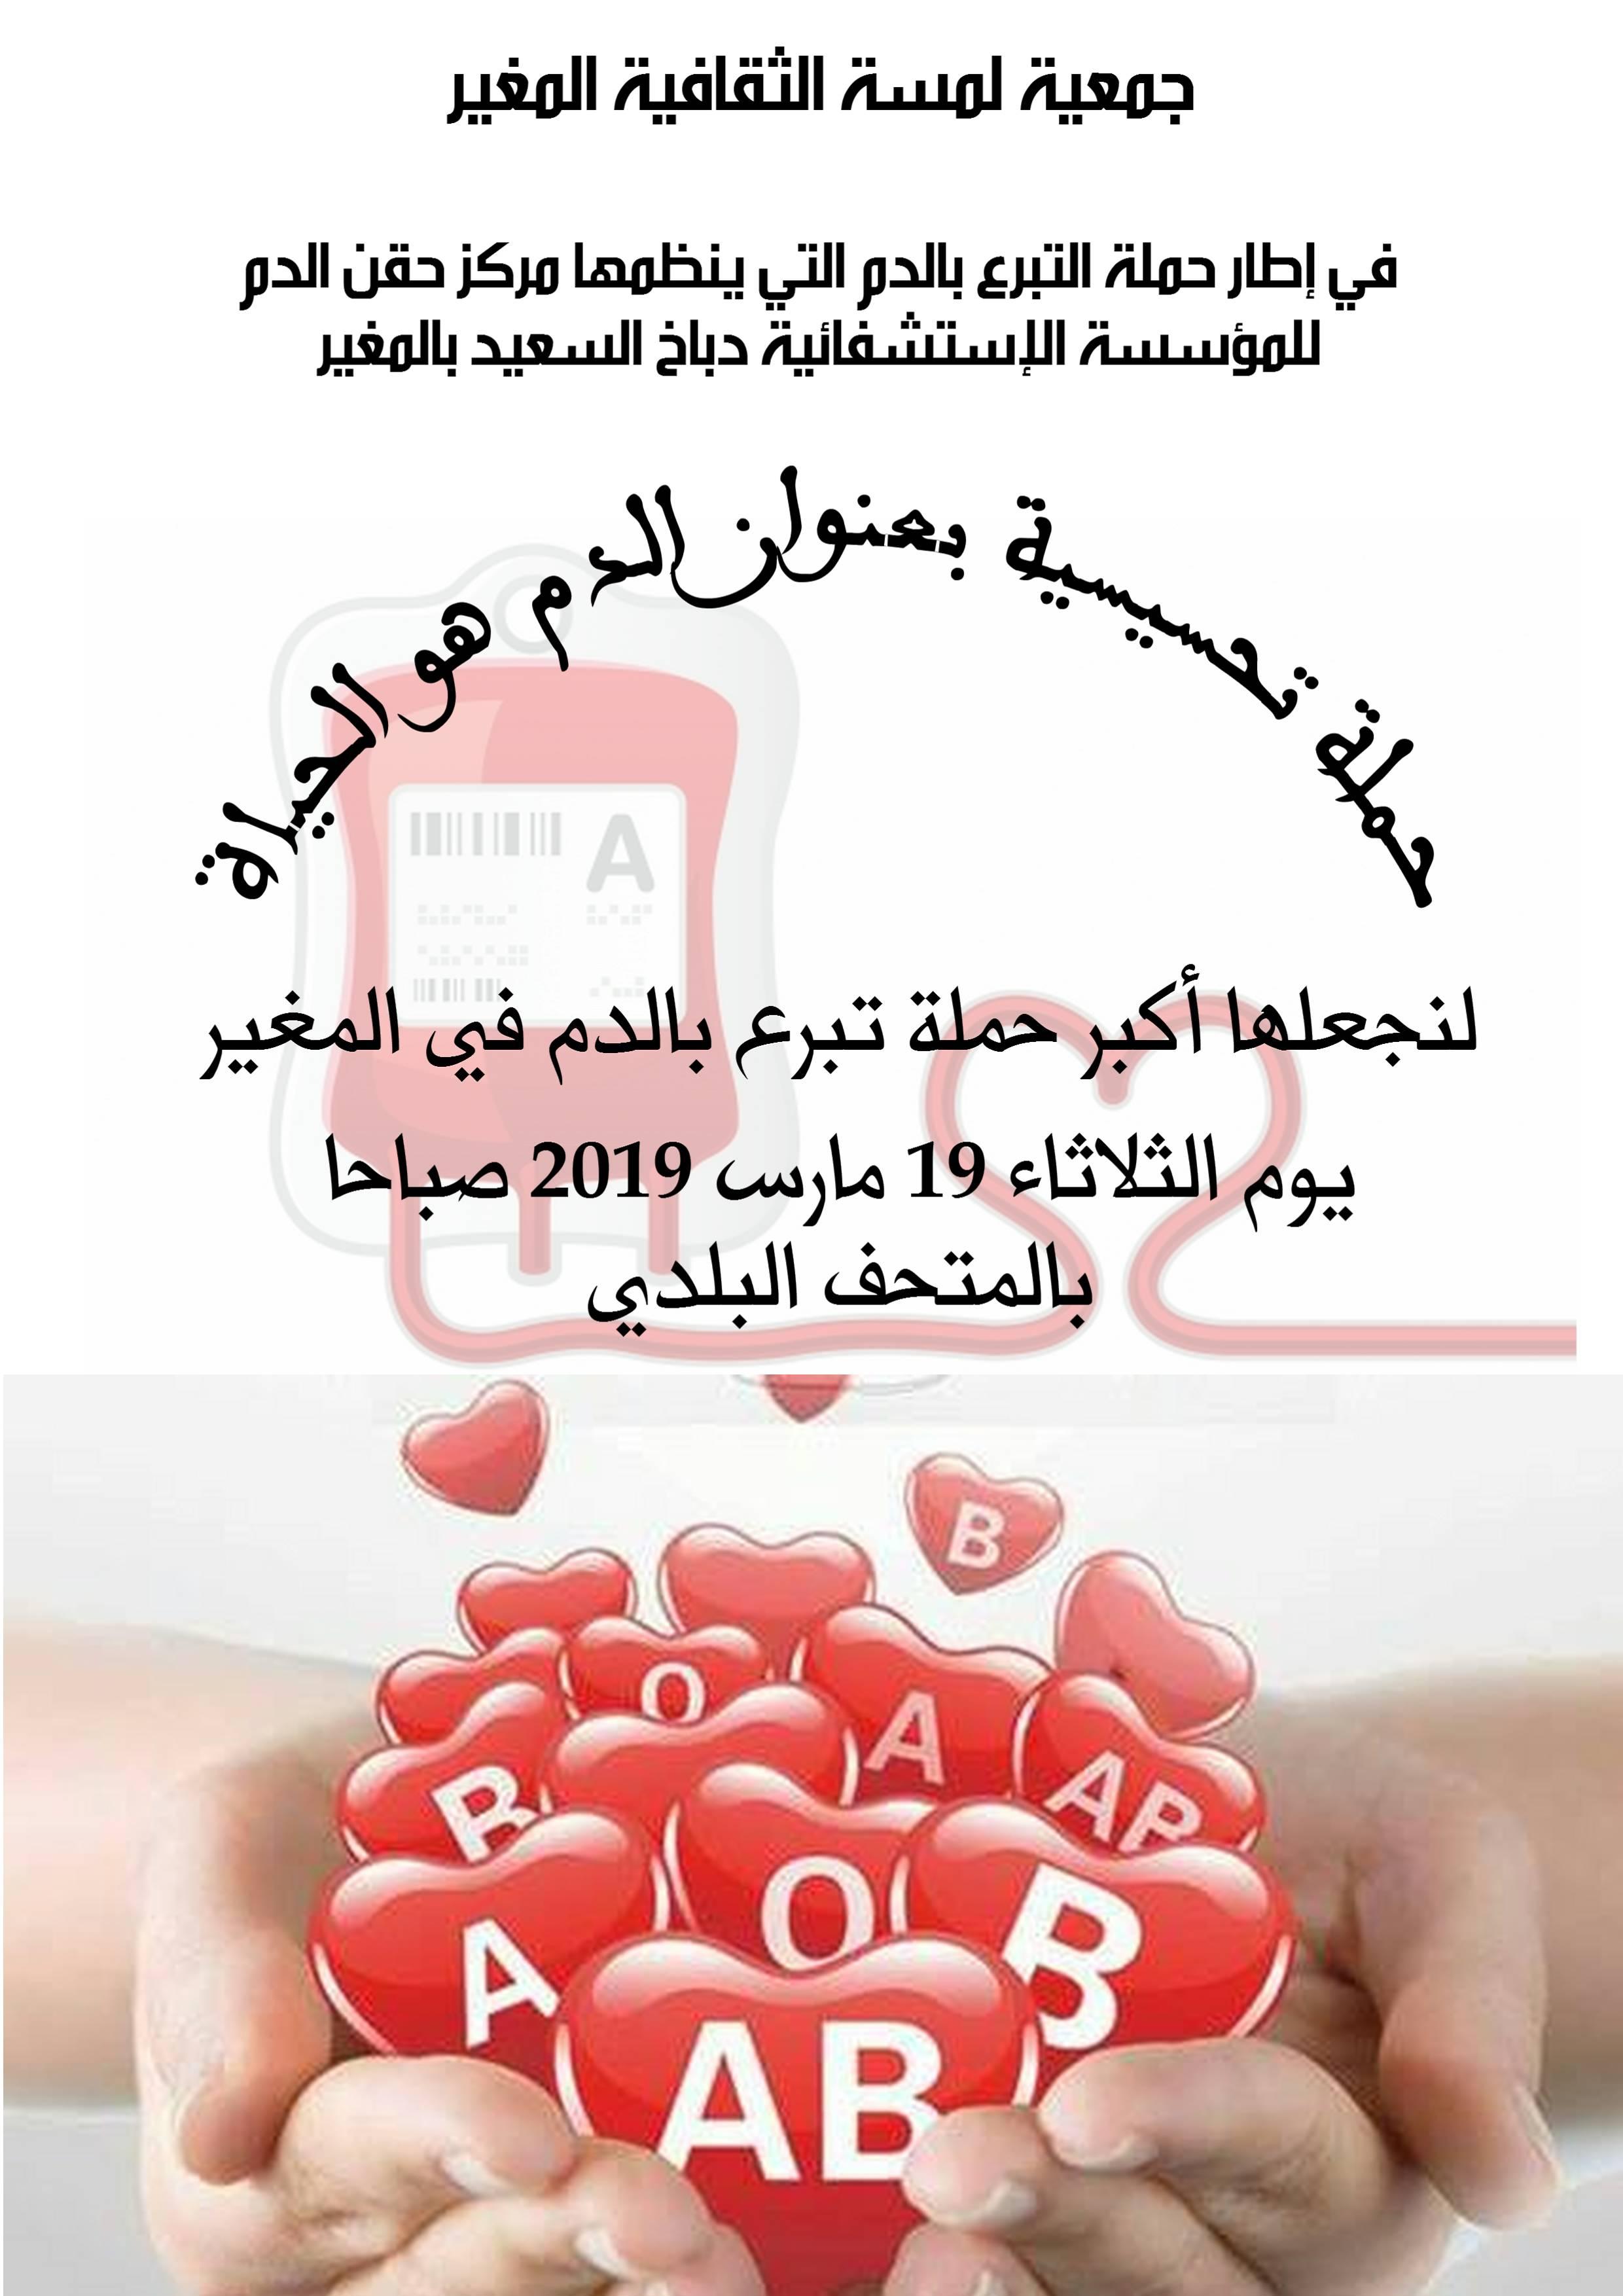 حملة تحسيسية للتبرع بالدم - جمعية لمسة الثقافية المغير